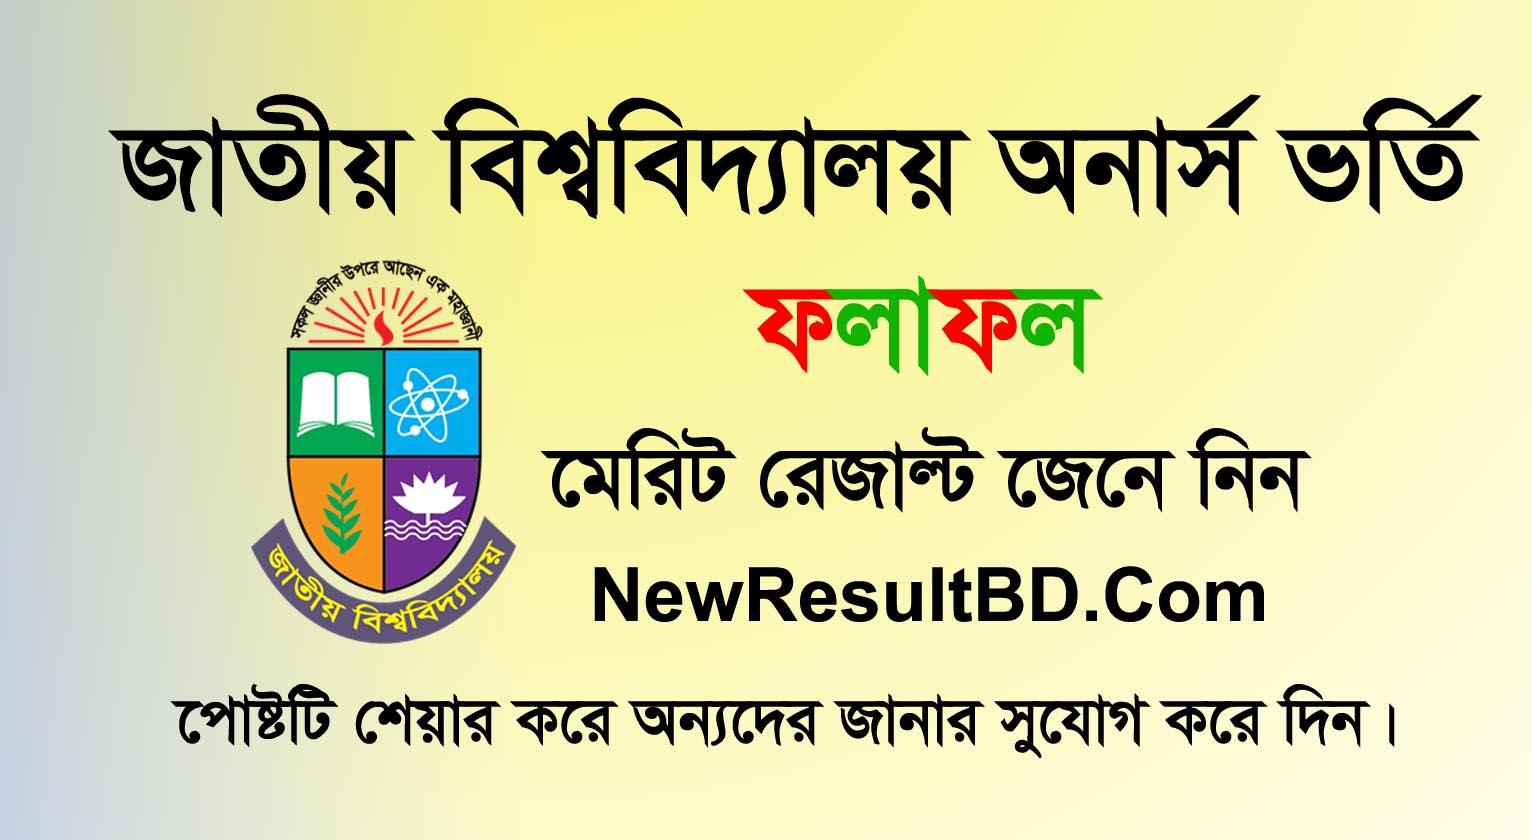 National University Admission Result 2019, NU Admission Result, NU Honours Admission 1st Merit, 2nd Merit, 3rd Merit, NU Honours College admission Result.